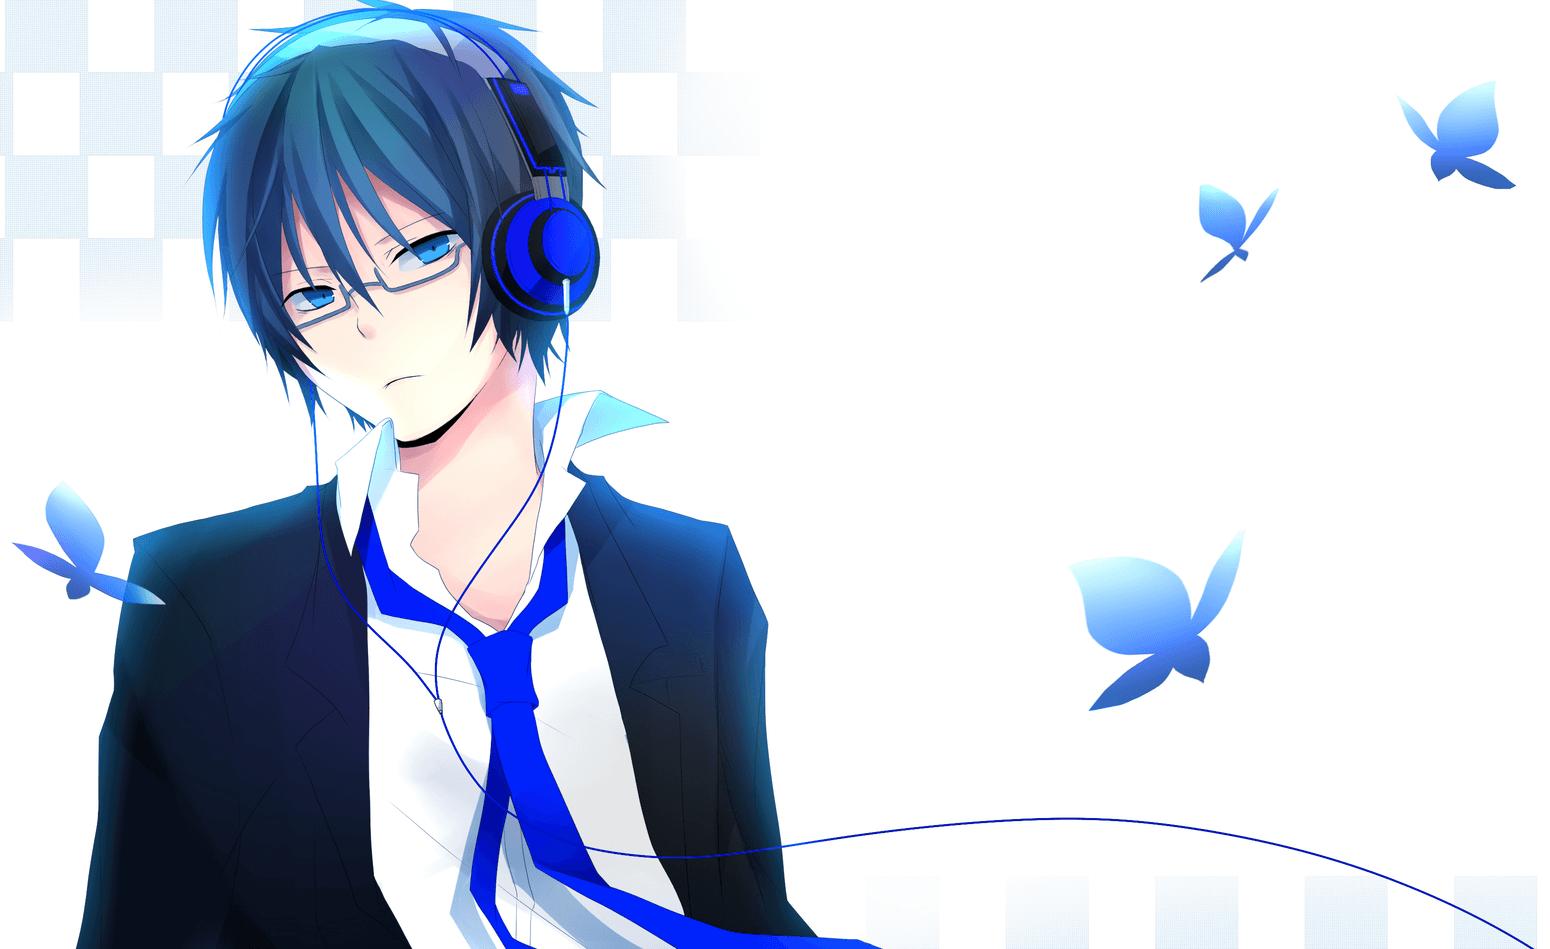 Hình ảnh chàng trai lạnh lùng tóc xanh